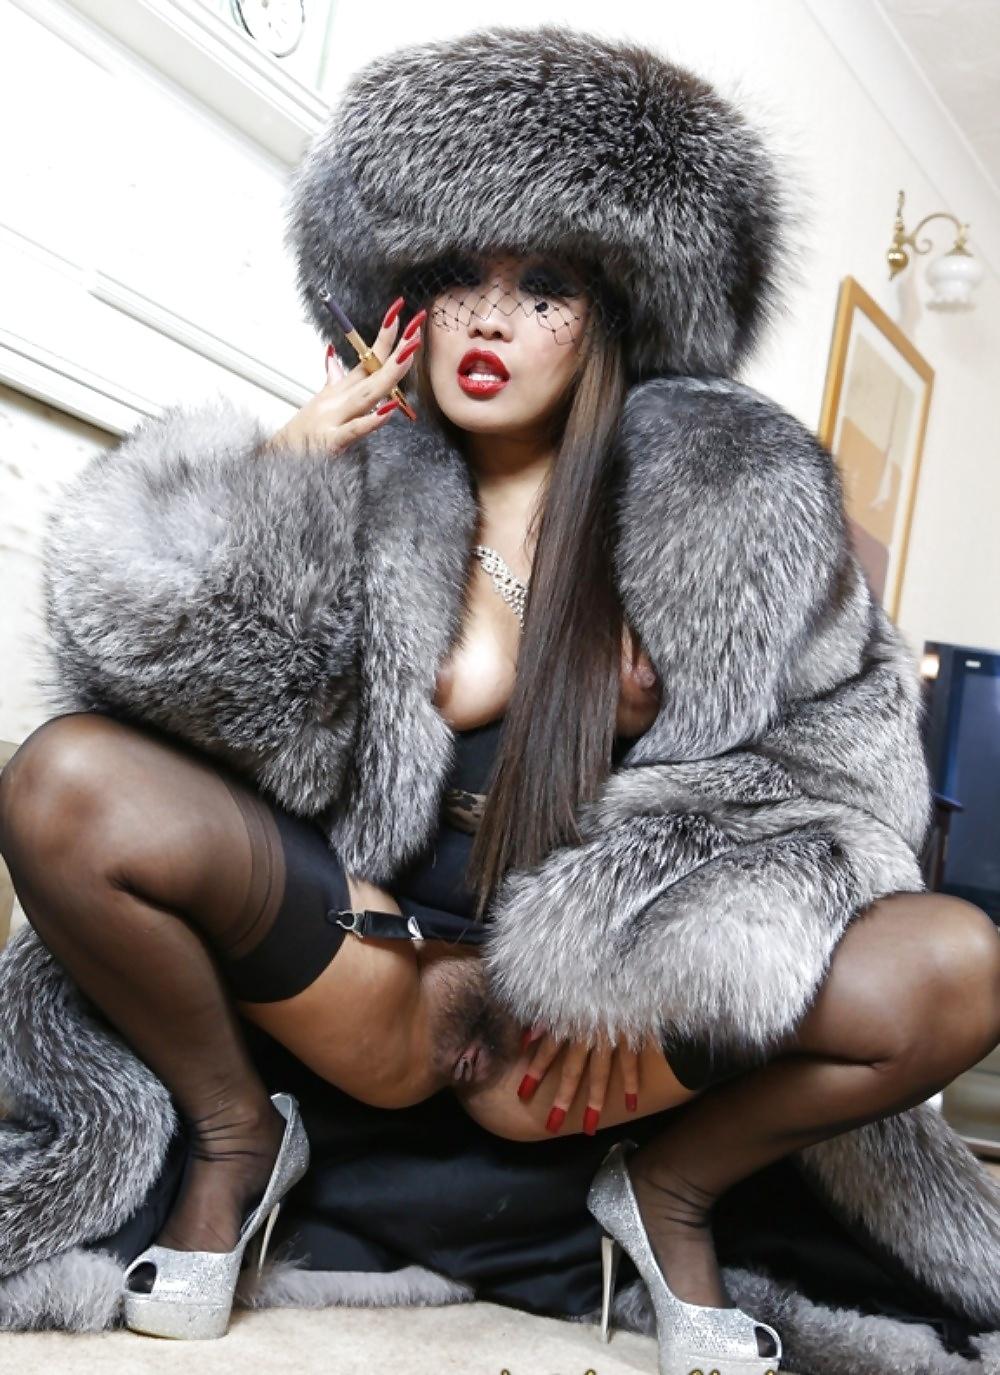 Sexy amateur enjoying her animal rug fur fetish